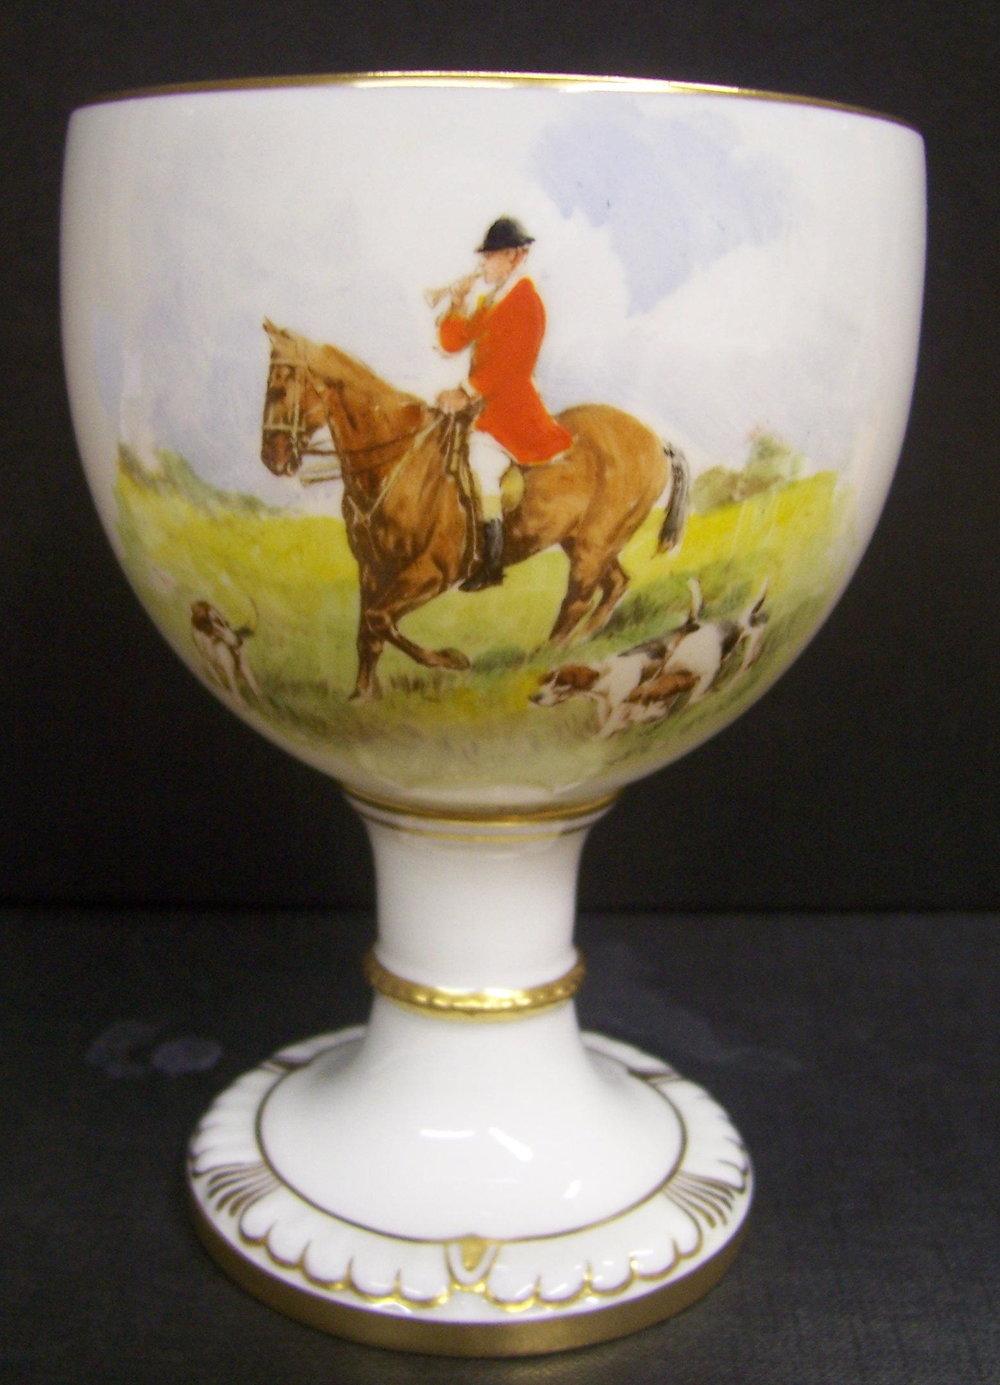 royal-crown-derby-goblet-1942-shape-hunting-scene